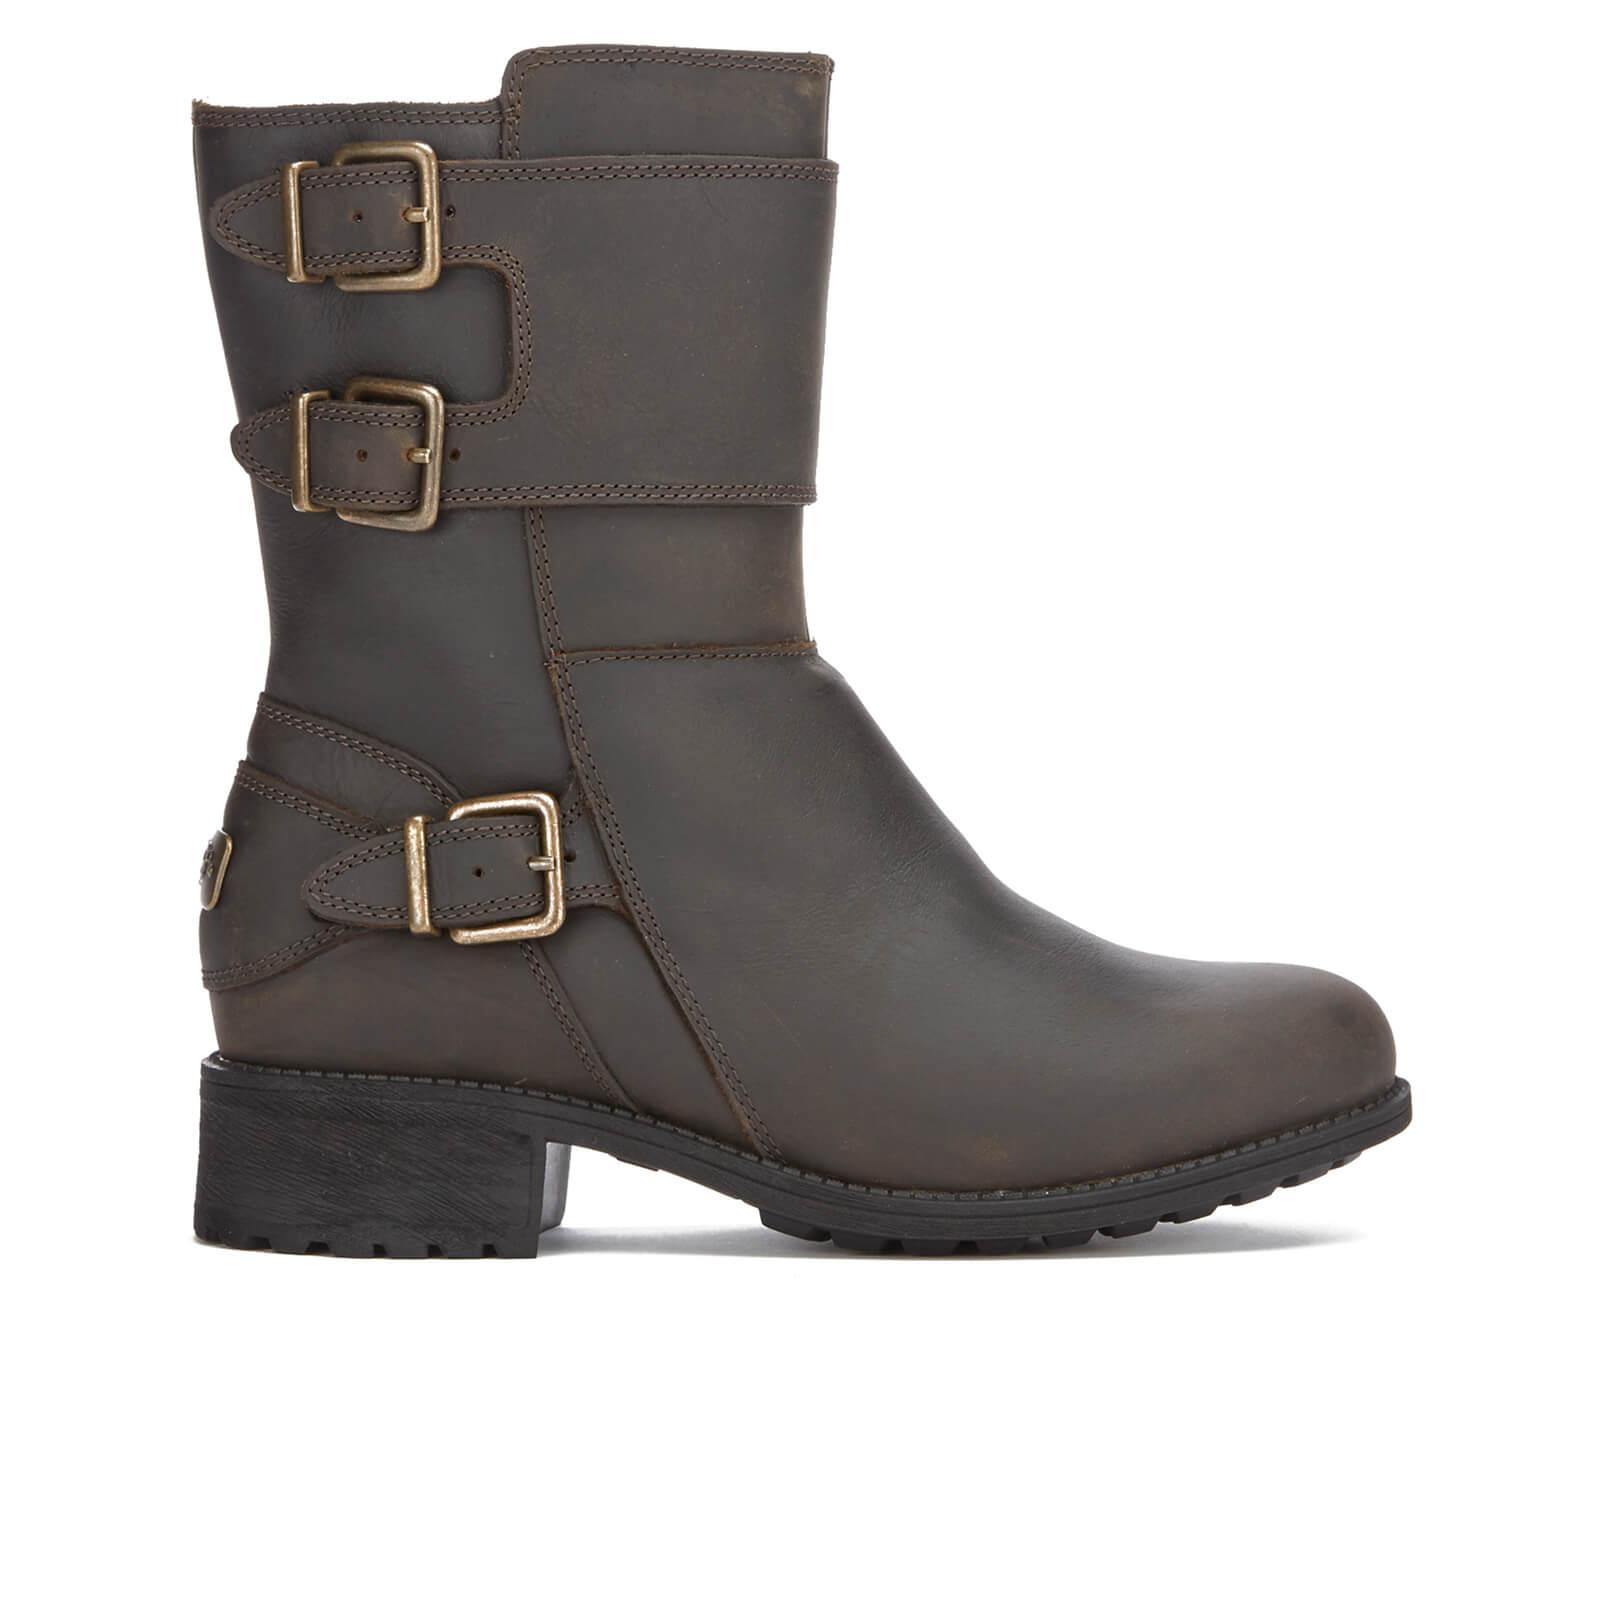 ea1492458c9 UGG Women's Wilcox Buckle Biker Boots - Stout